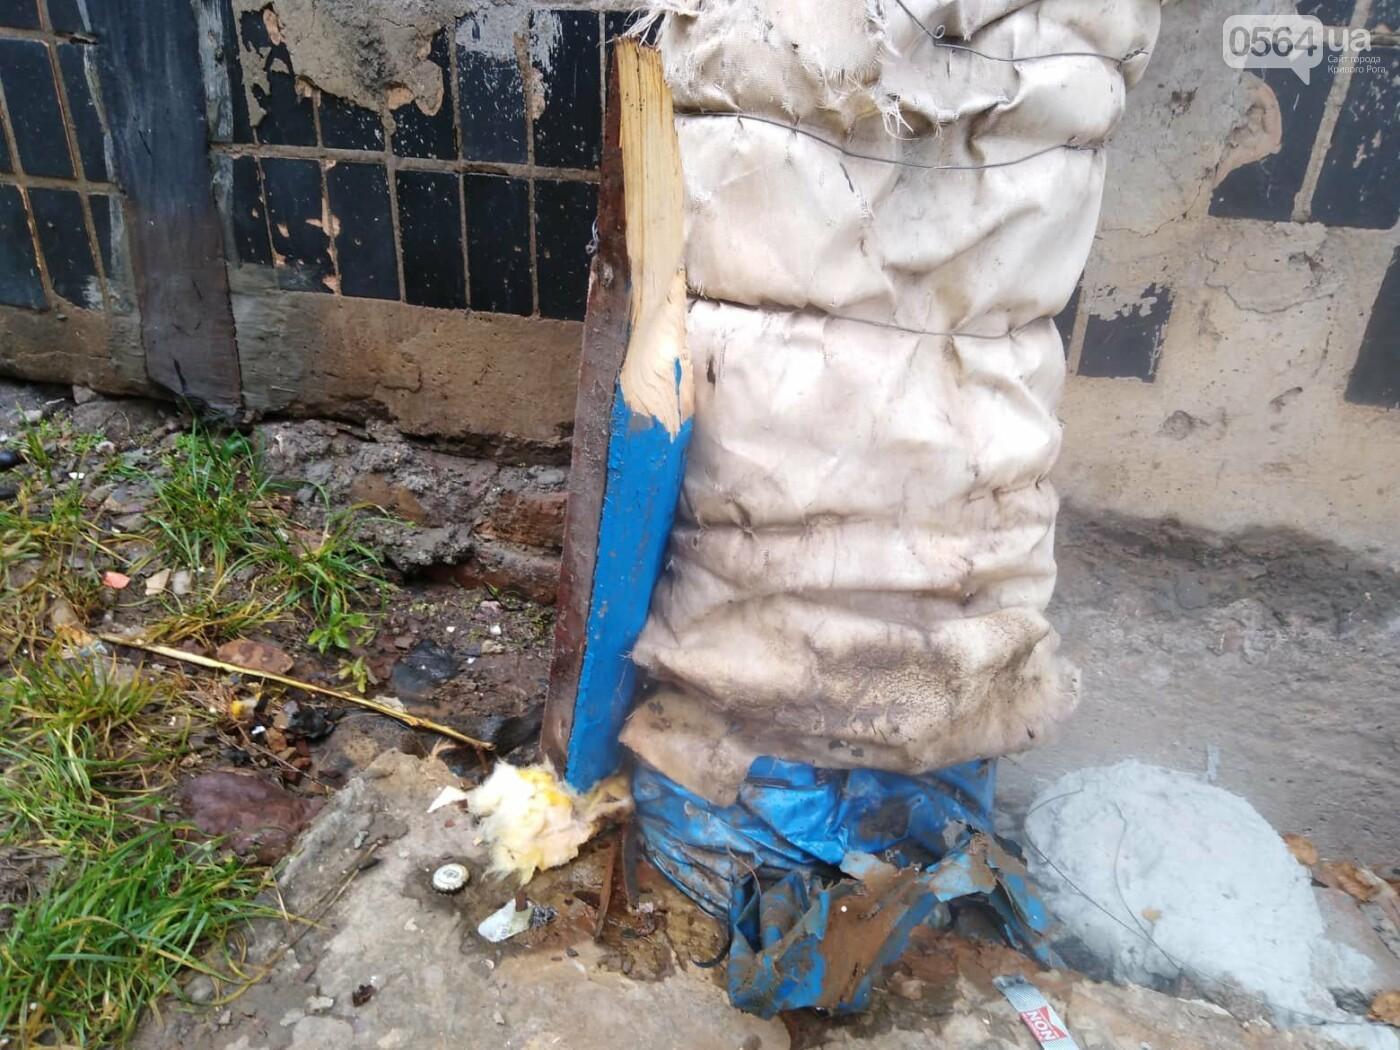 Не дождавшись тепловиков, криворожане принялись ликвидировать аварию на теплосети подручными средствами, - ФОТО, фото-5